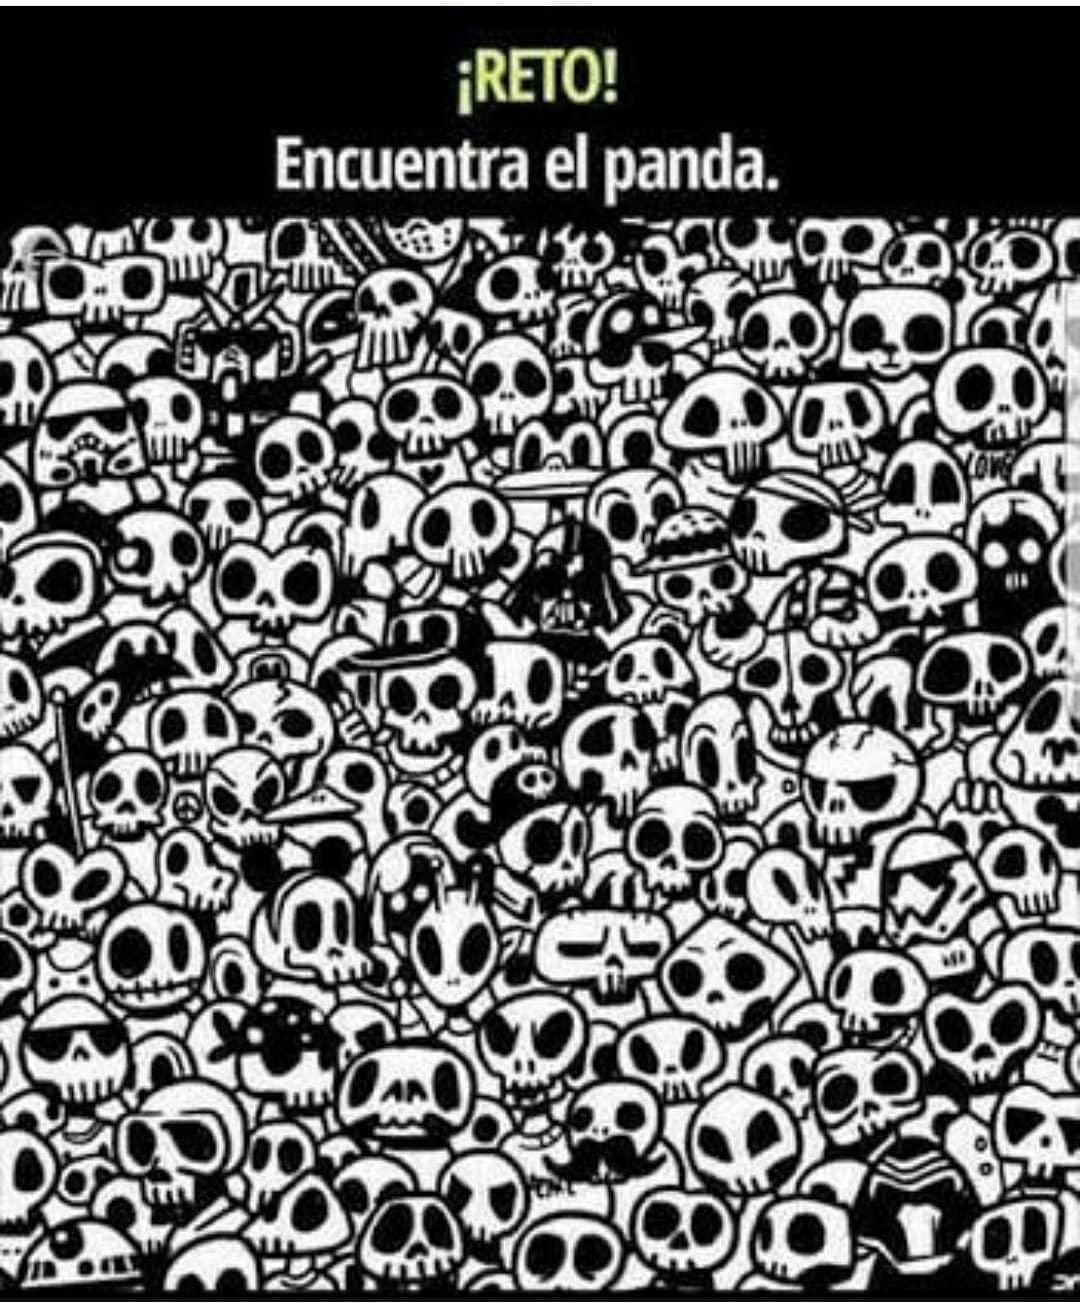 Reto. Encuentra el panda.